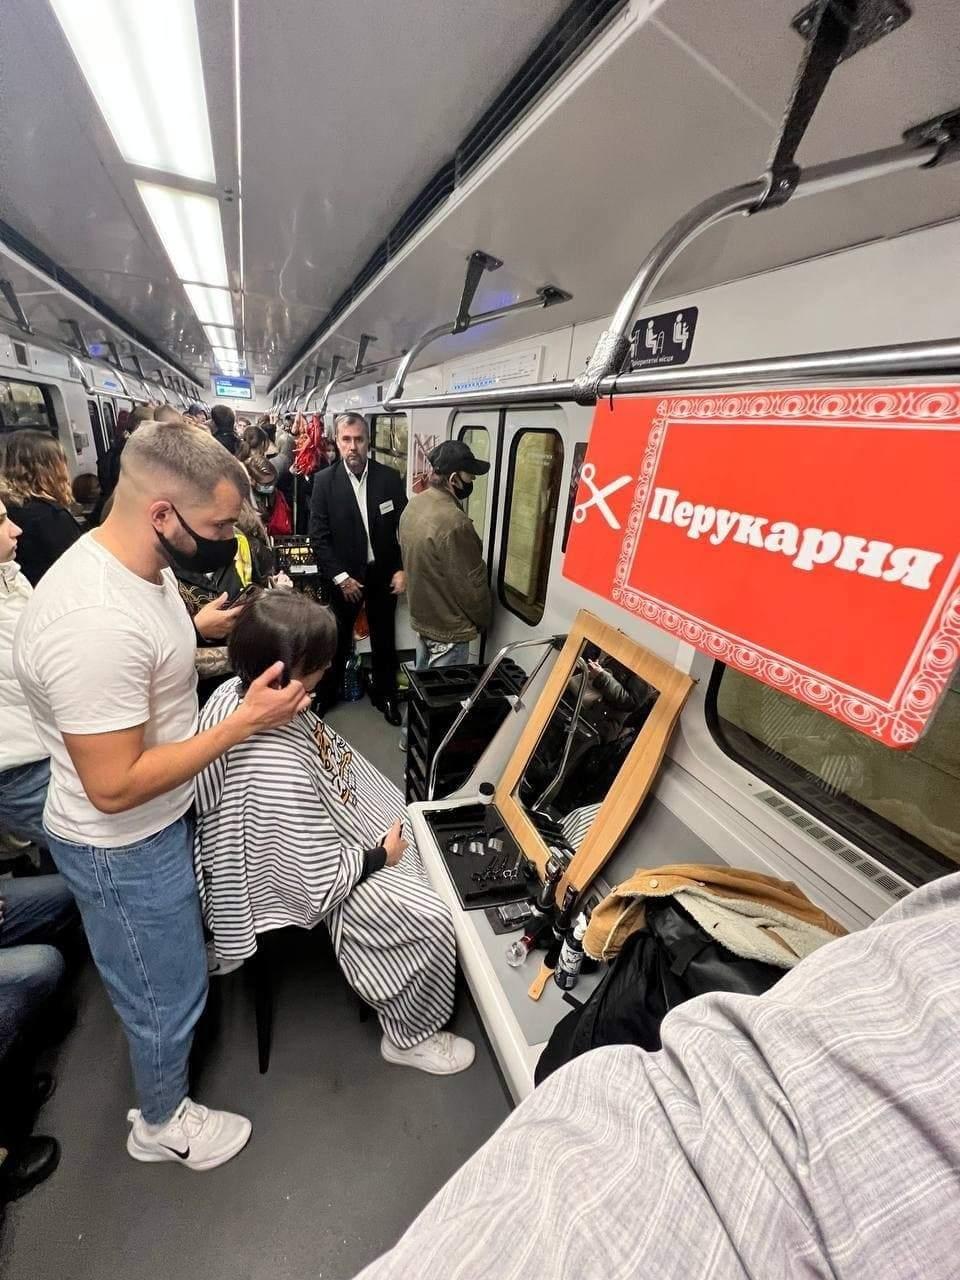 Маникюрный салон, базар и барбершоп: в киевском метро устроили акцию против нелегальной торговли (ФОТО) - фото №1